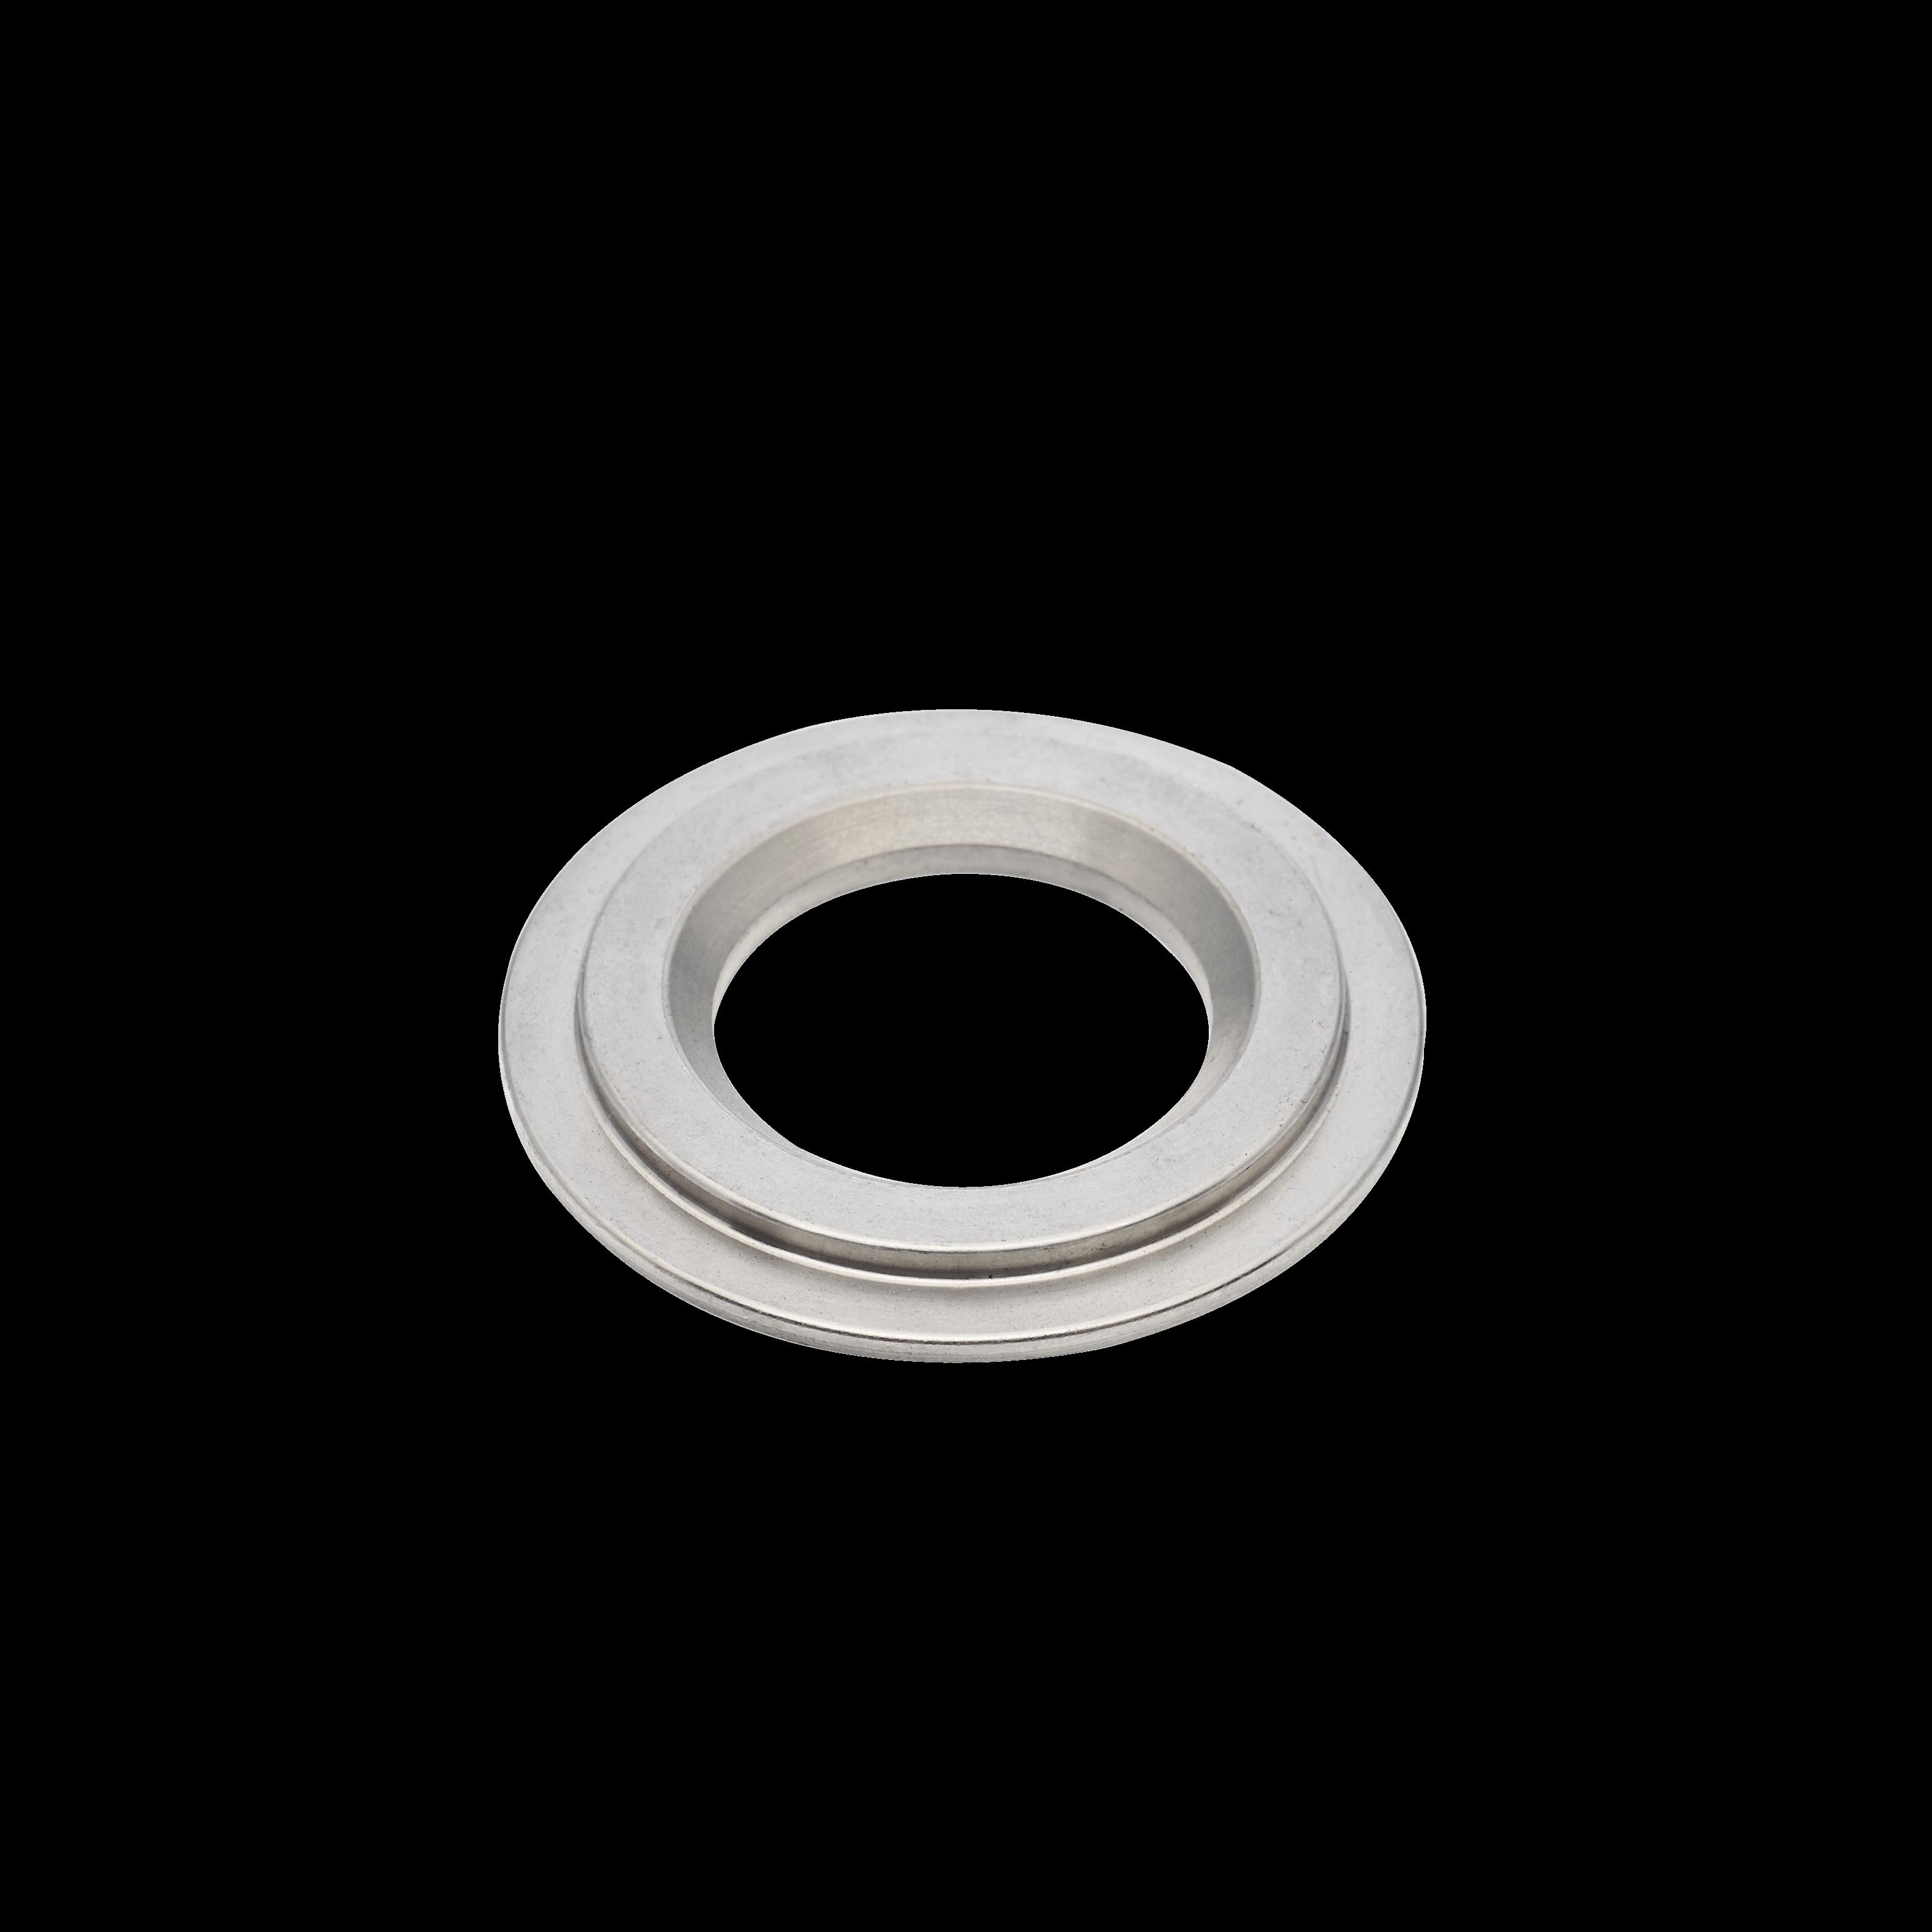 Filter disc for 6.23 filter